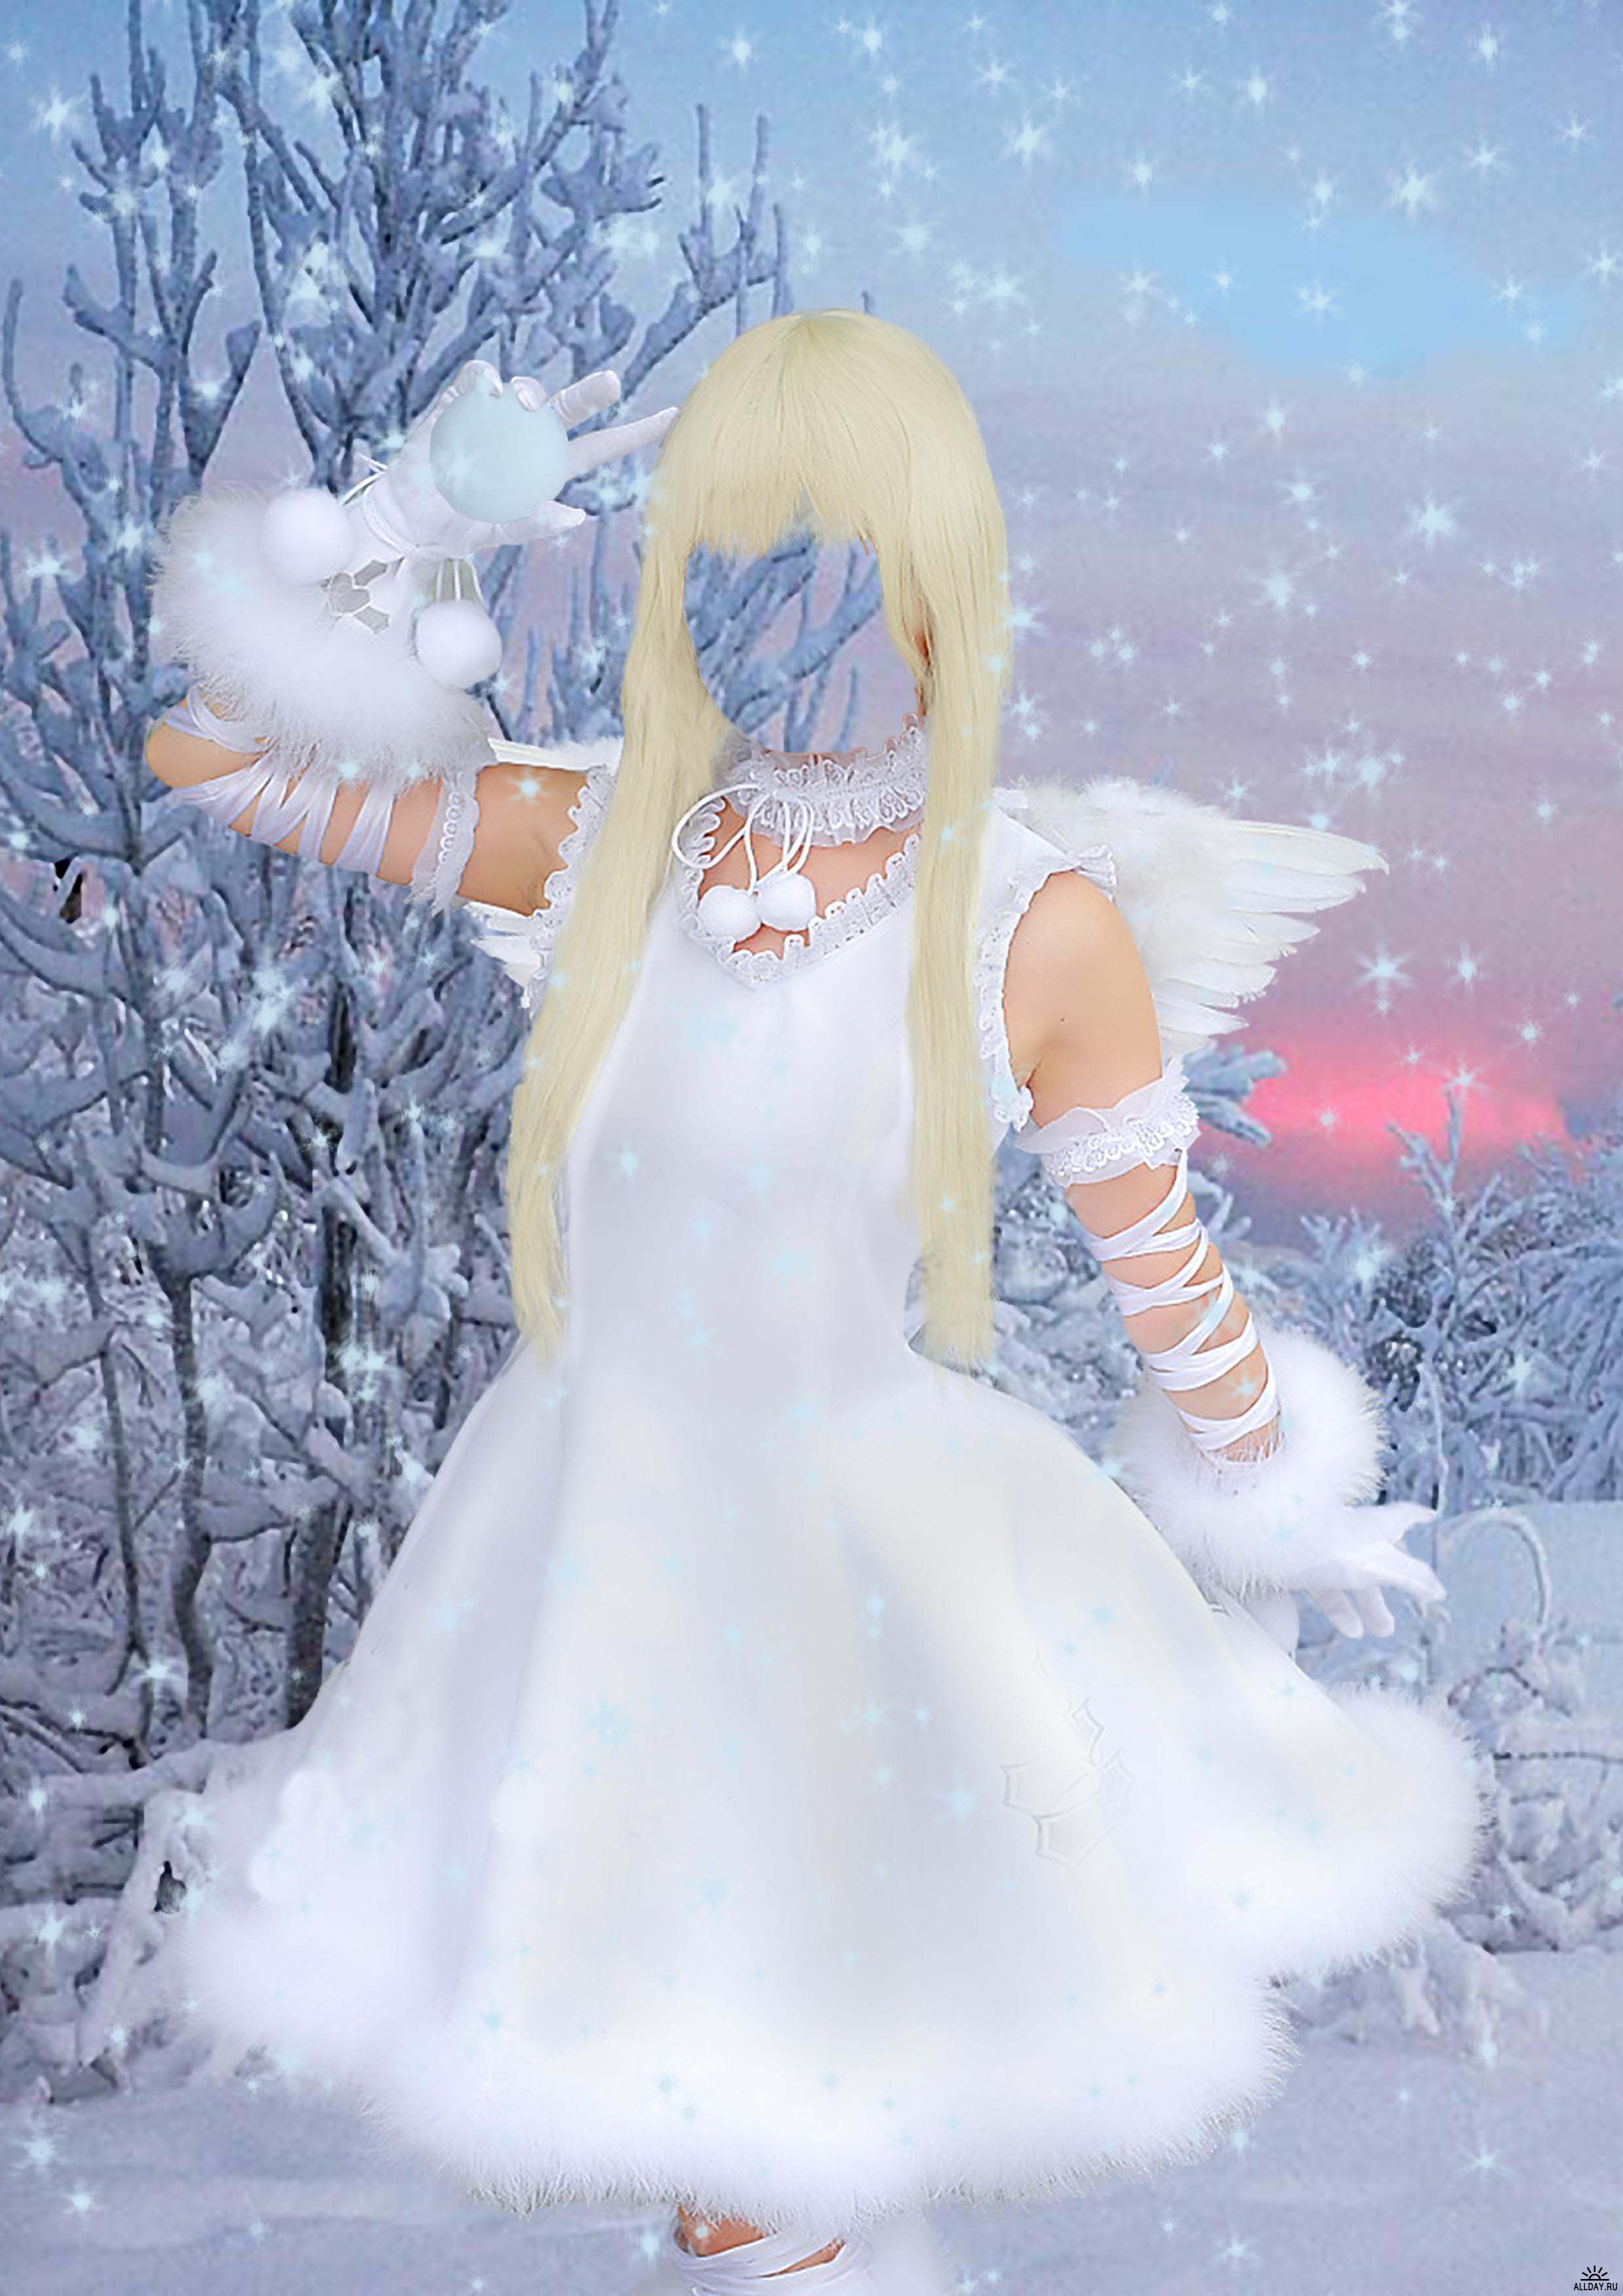 Новогодние рамки. Восхитительно нежная новогодняя рамка для девушек. Прекрасный зимний пейзаж с закатным небом украшен сияющими звёздами и блёстками, а на фоне природы стоит красивая блондинка в костюме ангела. Новогодняя рамка даёт возможность каждой девушке почувствовать себя ангелочком и проверить, идёт ли ей светлый цвет волос. Замечательная новогодняя рамка станет главной новостью на Вашей работе или в институте.